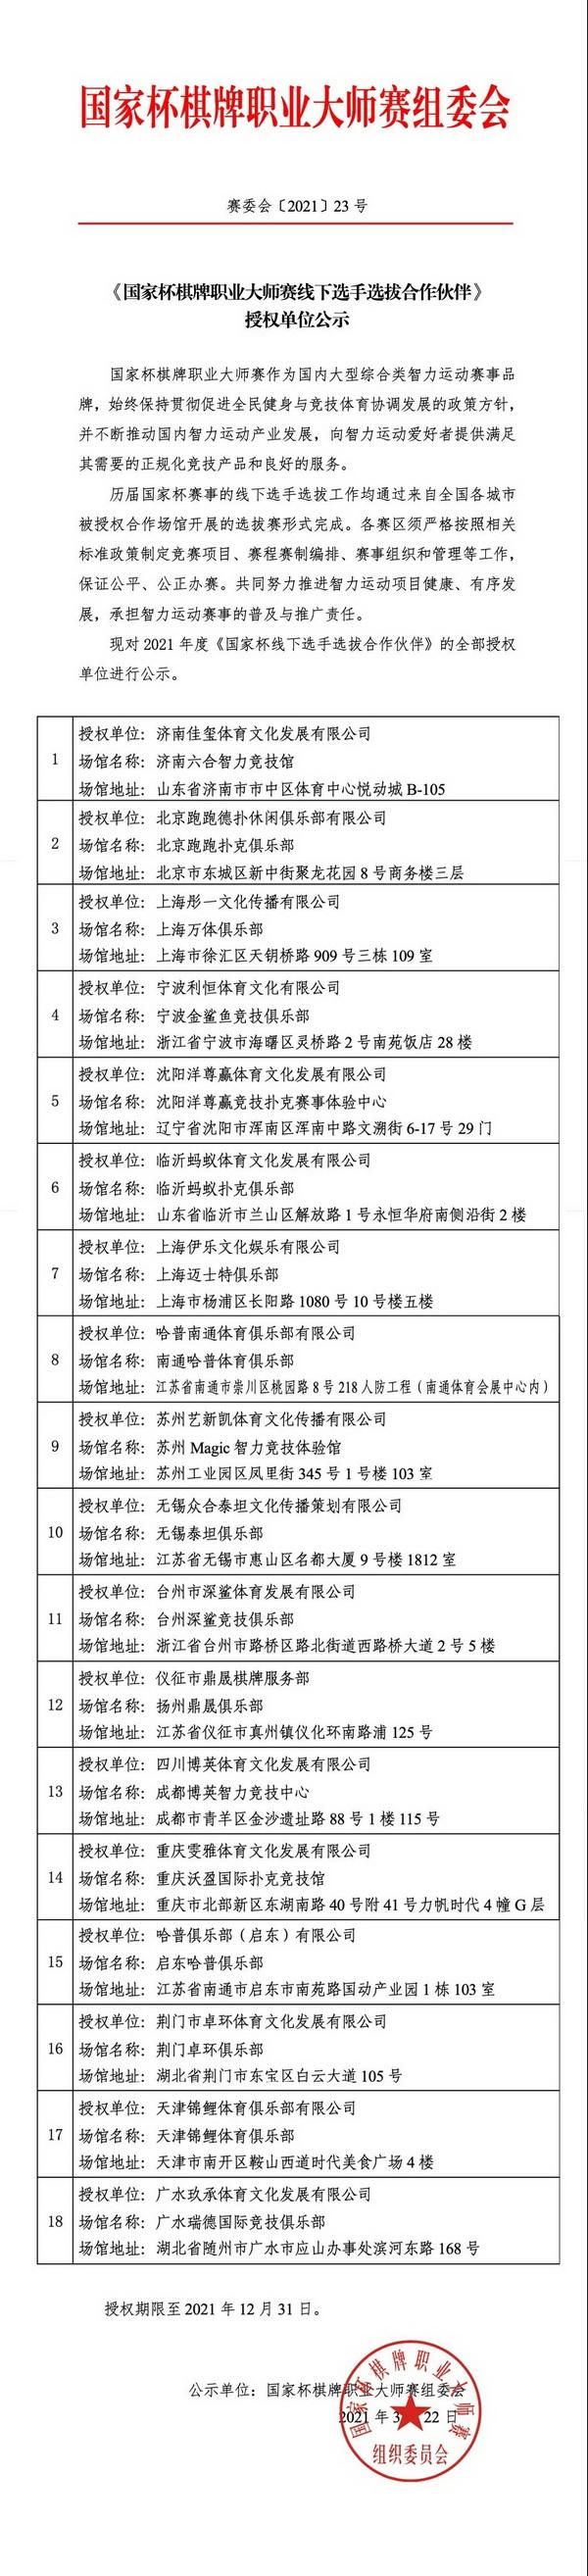 《国家杯棋牌职业大师赛线下选手选拔合作伙伴》授权单位公示